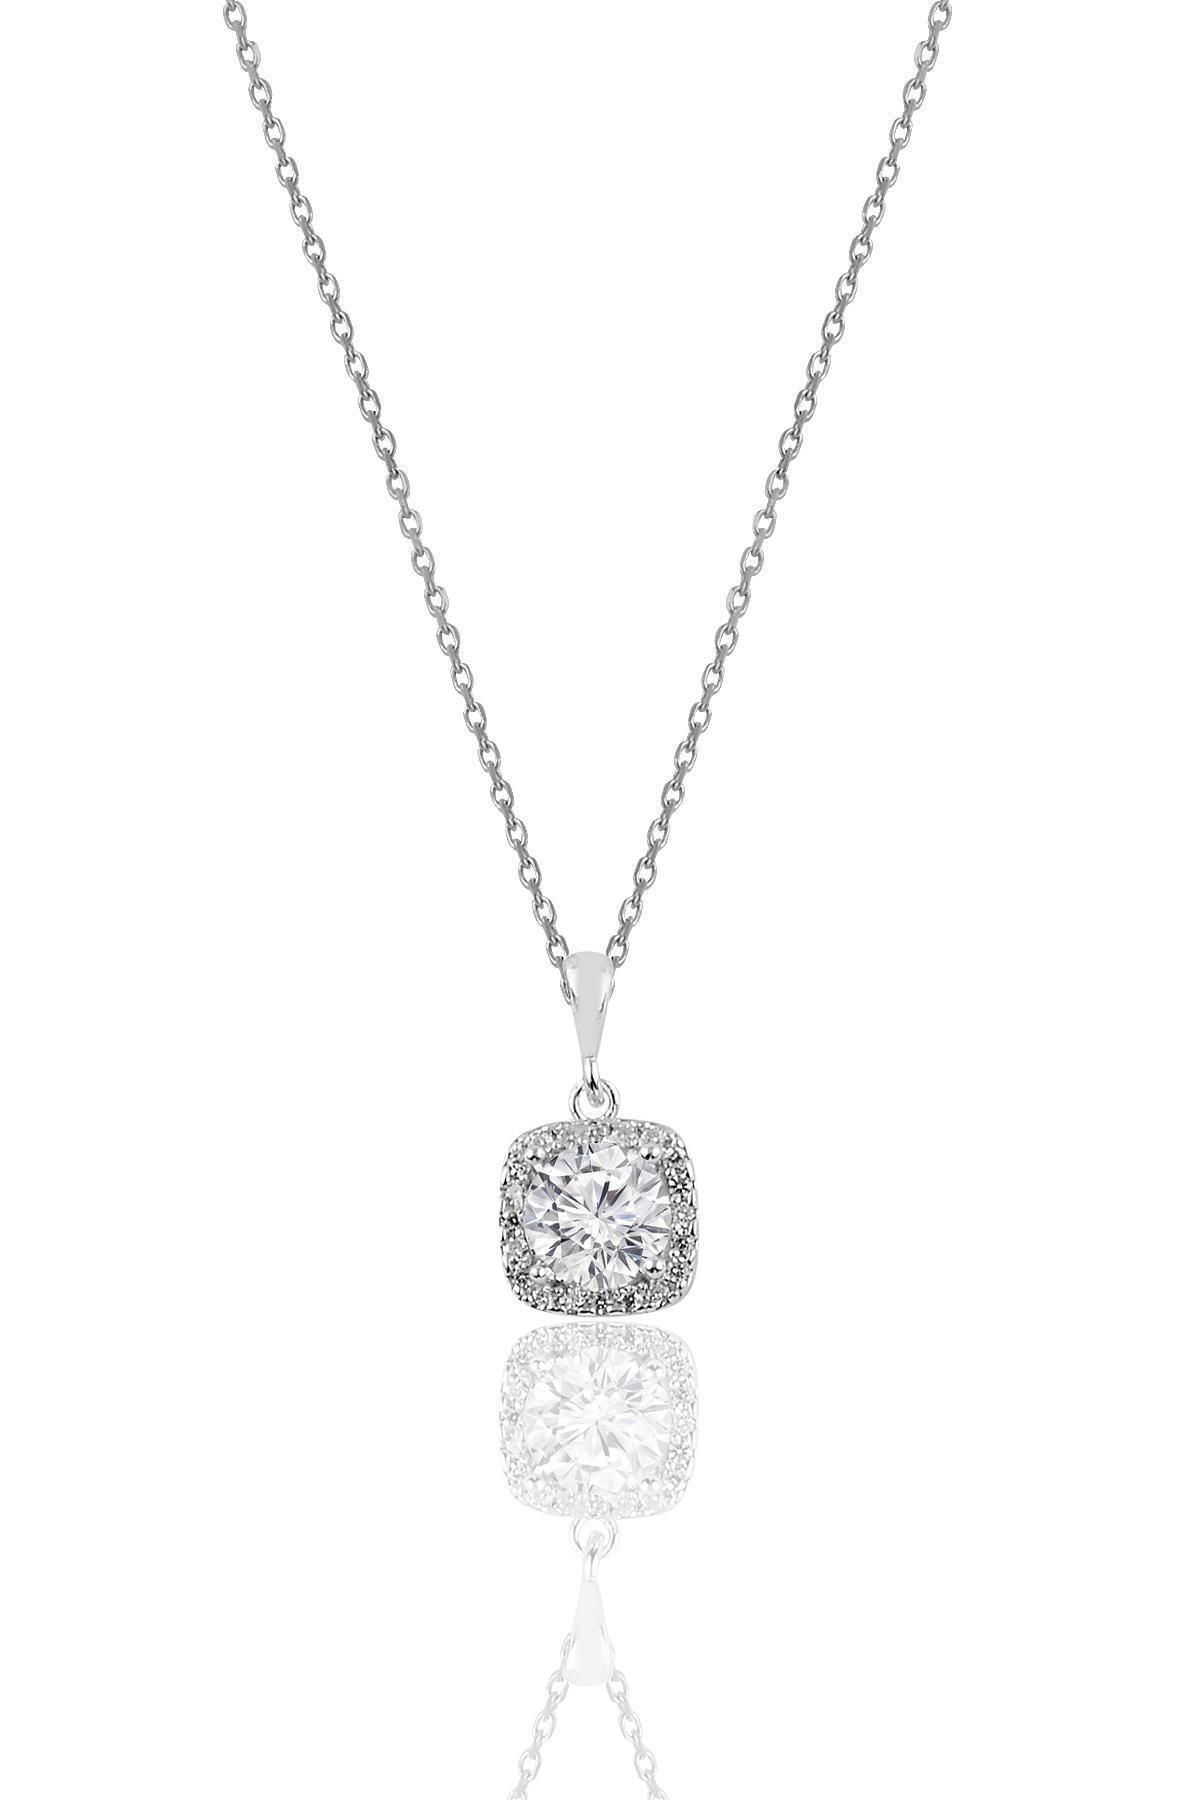 Söğütlü Silver Gümüş Rodyumlu Zirkon Taşlı Kare Üçlü Set 2